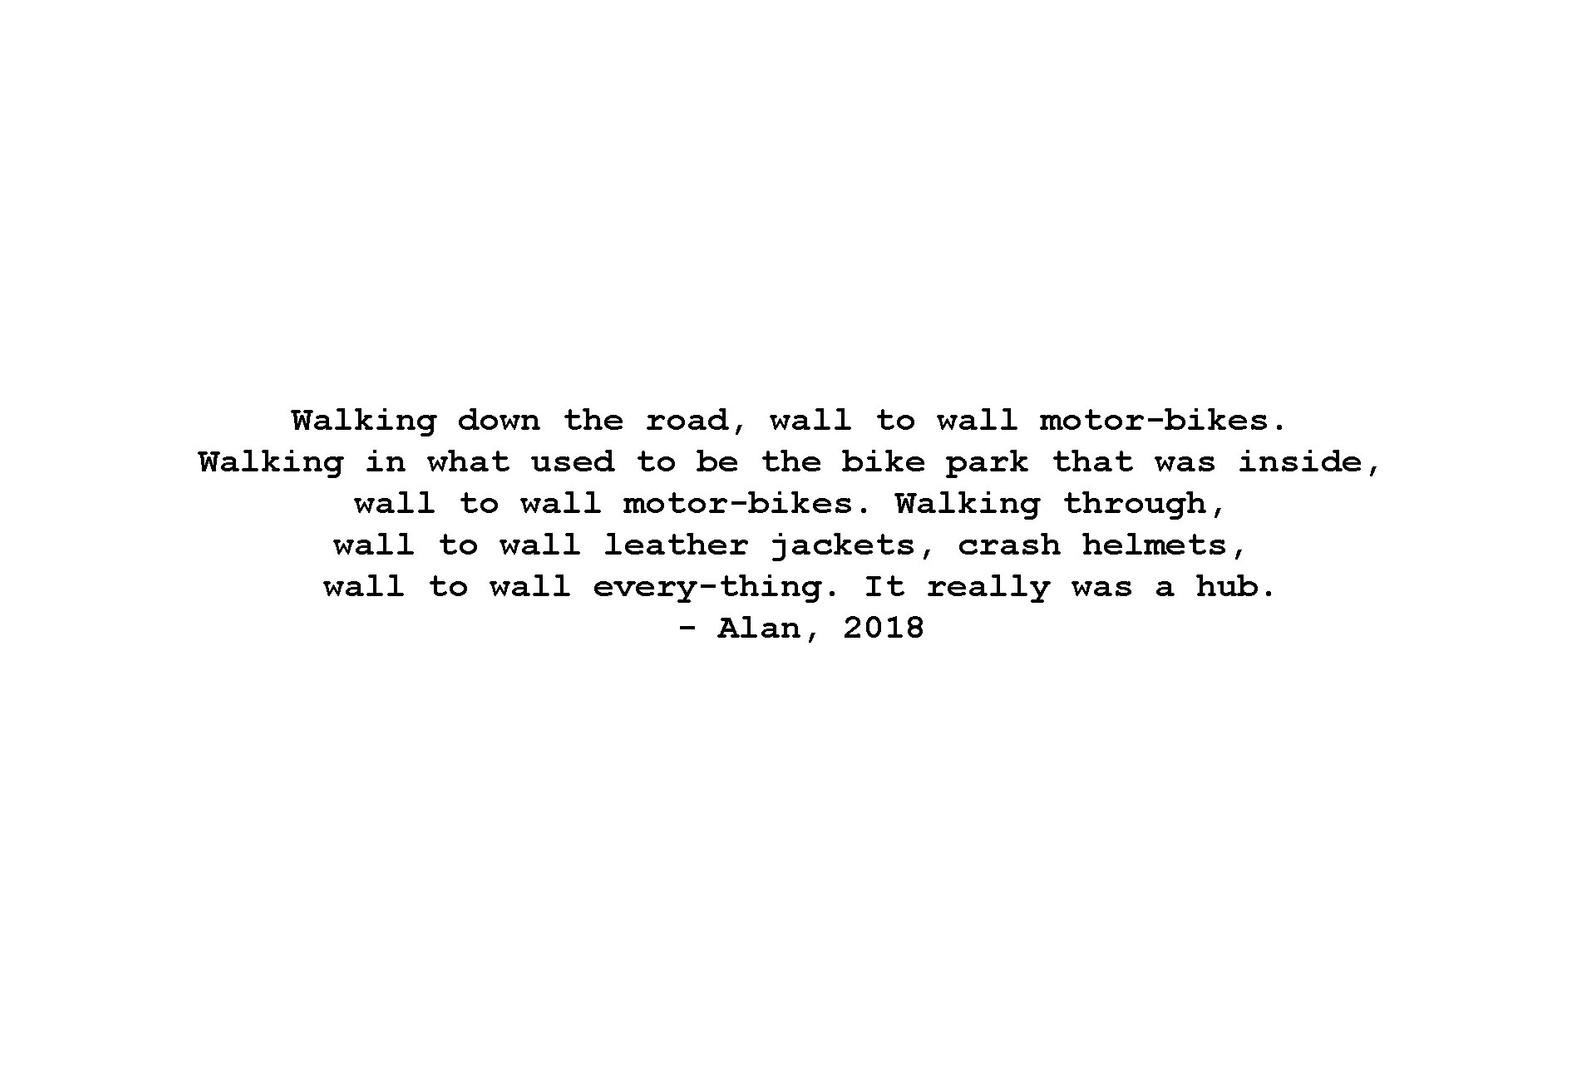 Alan, 2019